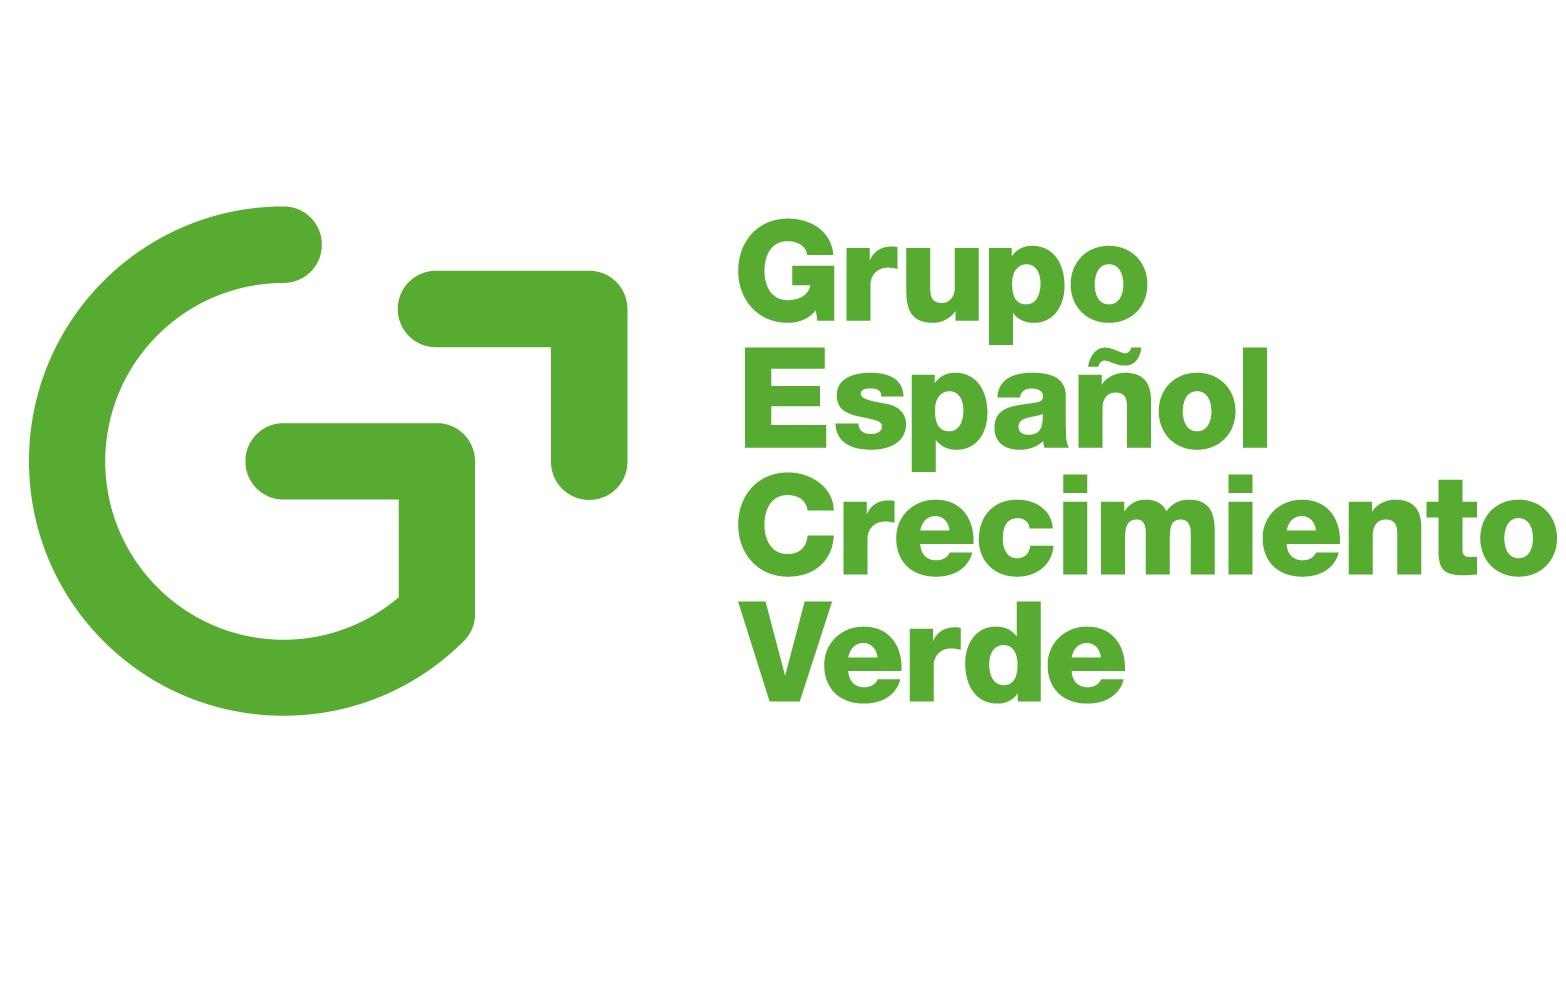 El Grupo Español para el Crecimiento Verde (GECV) envía sus propuestas para la Ley de Cambio Climático